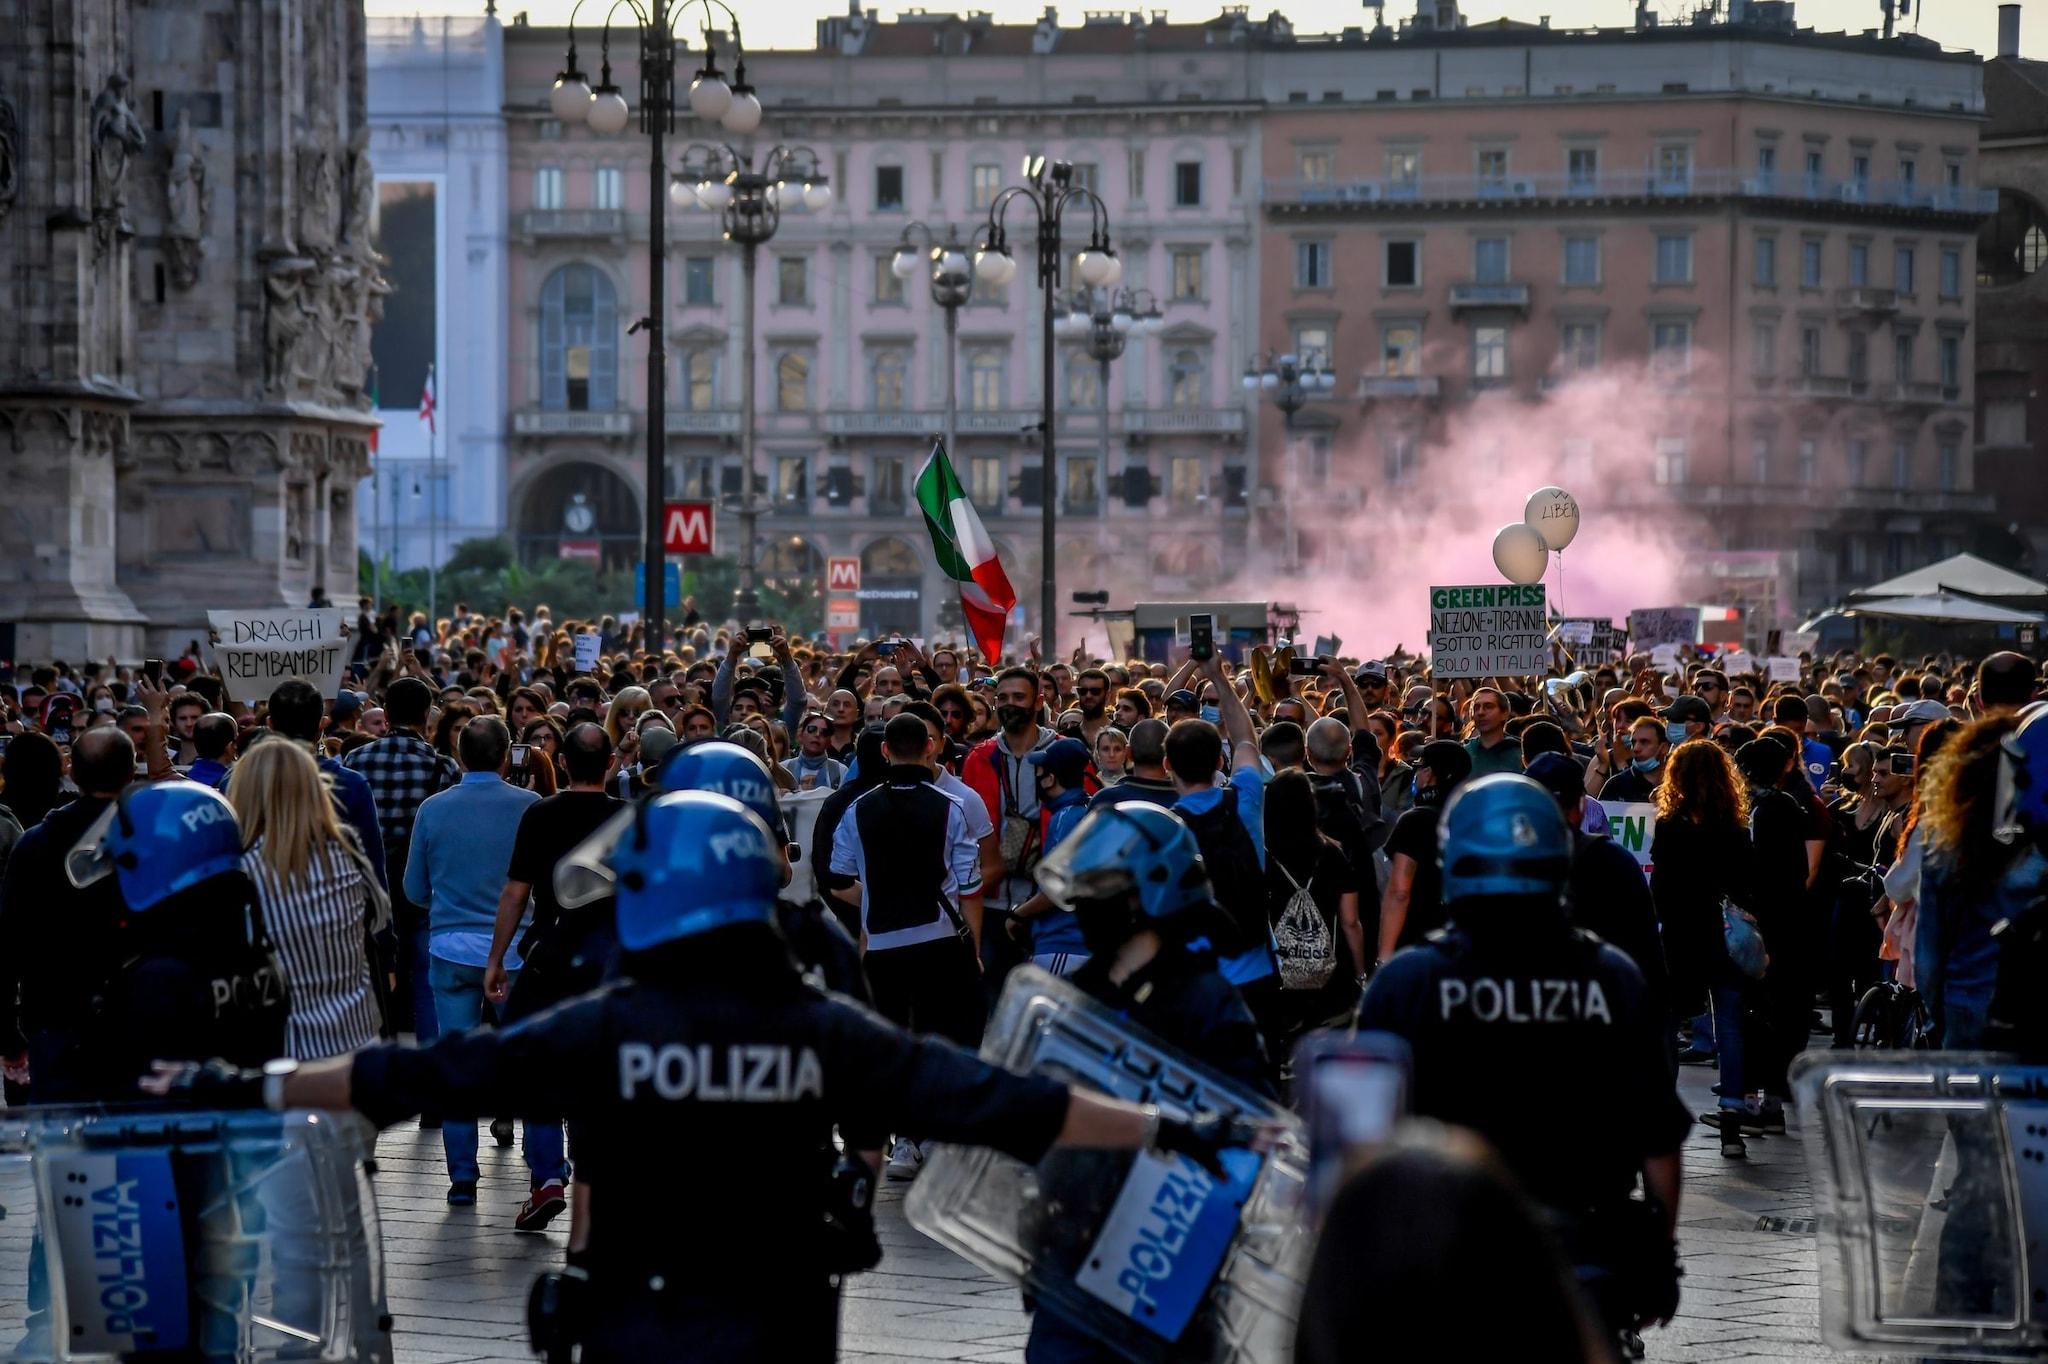 Ancora un corteo di No green pass a Milano: scontri con la polizia,  arrestate 5 persone